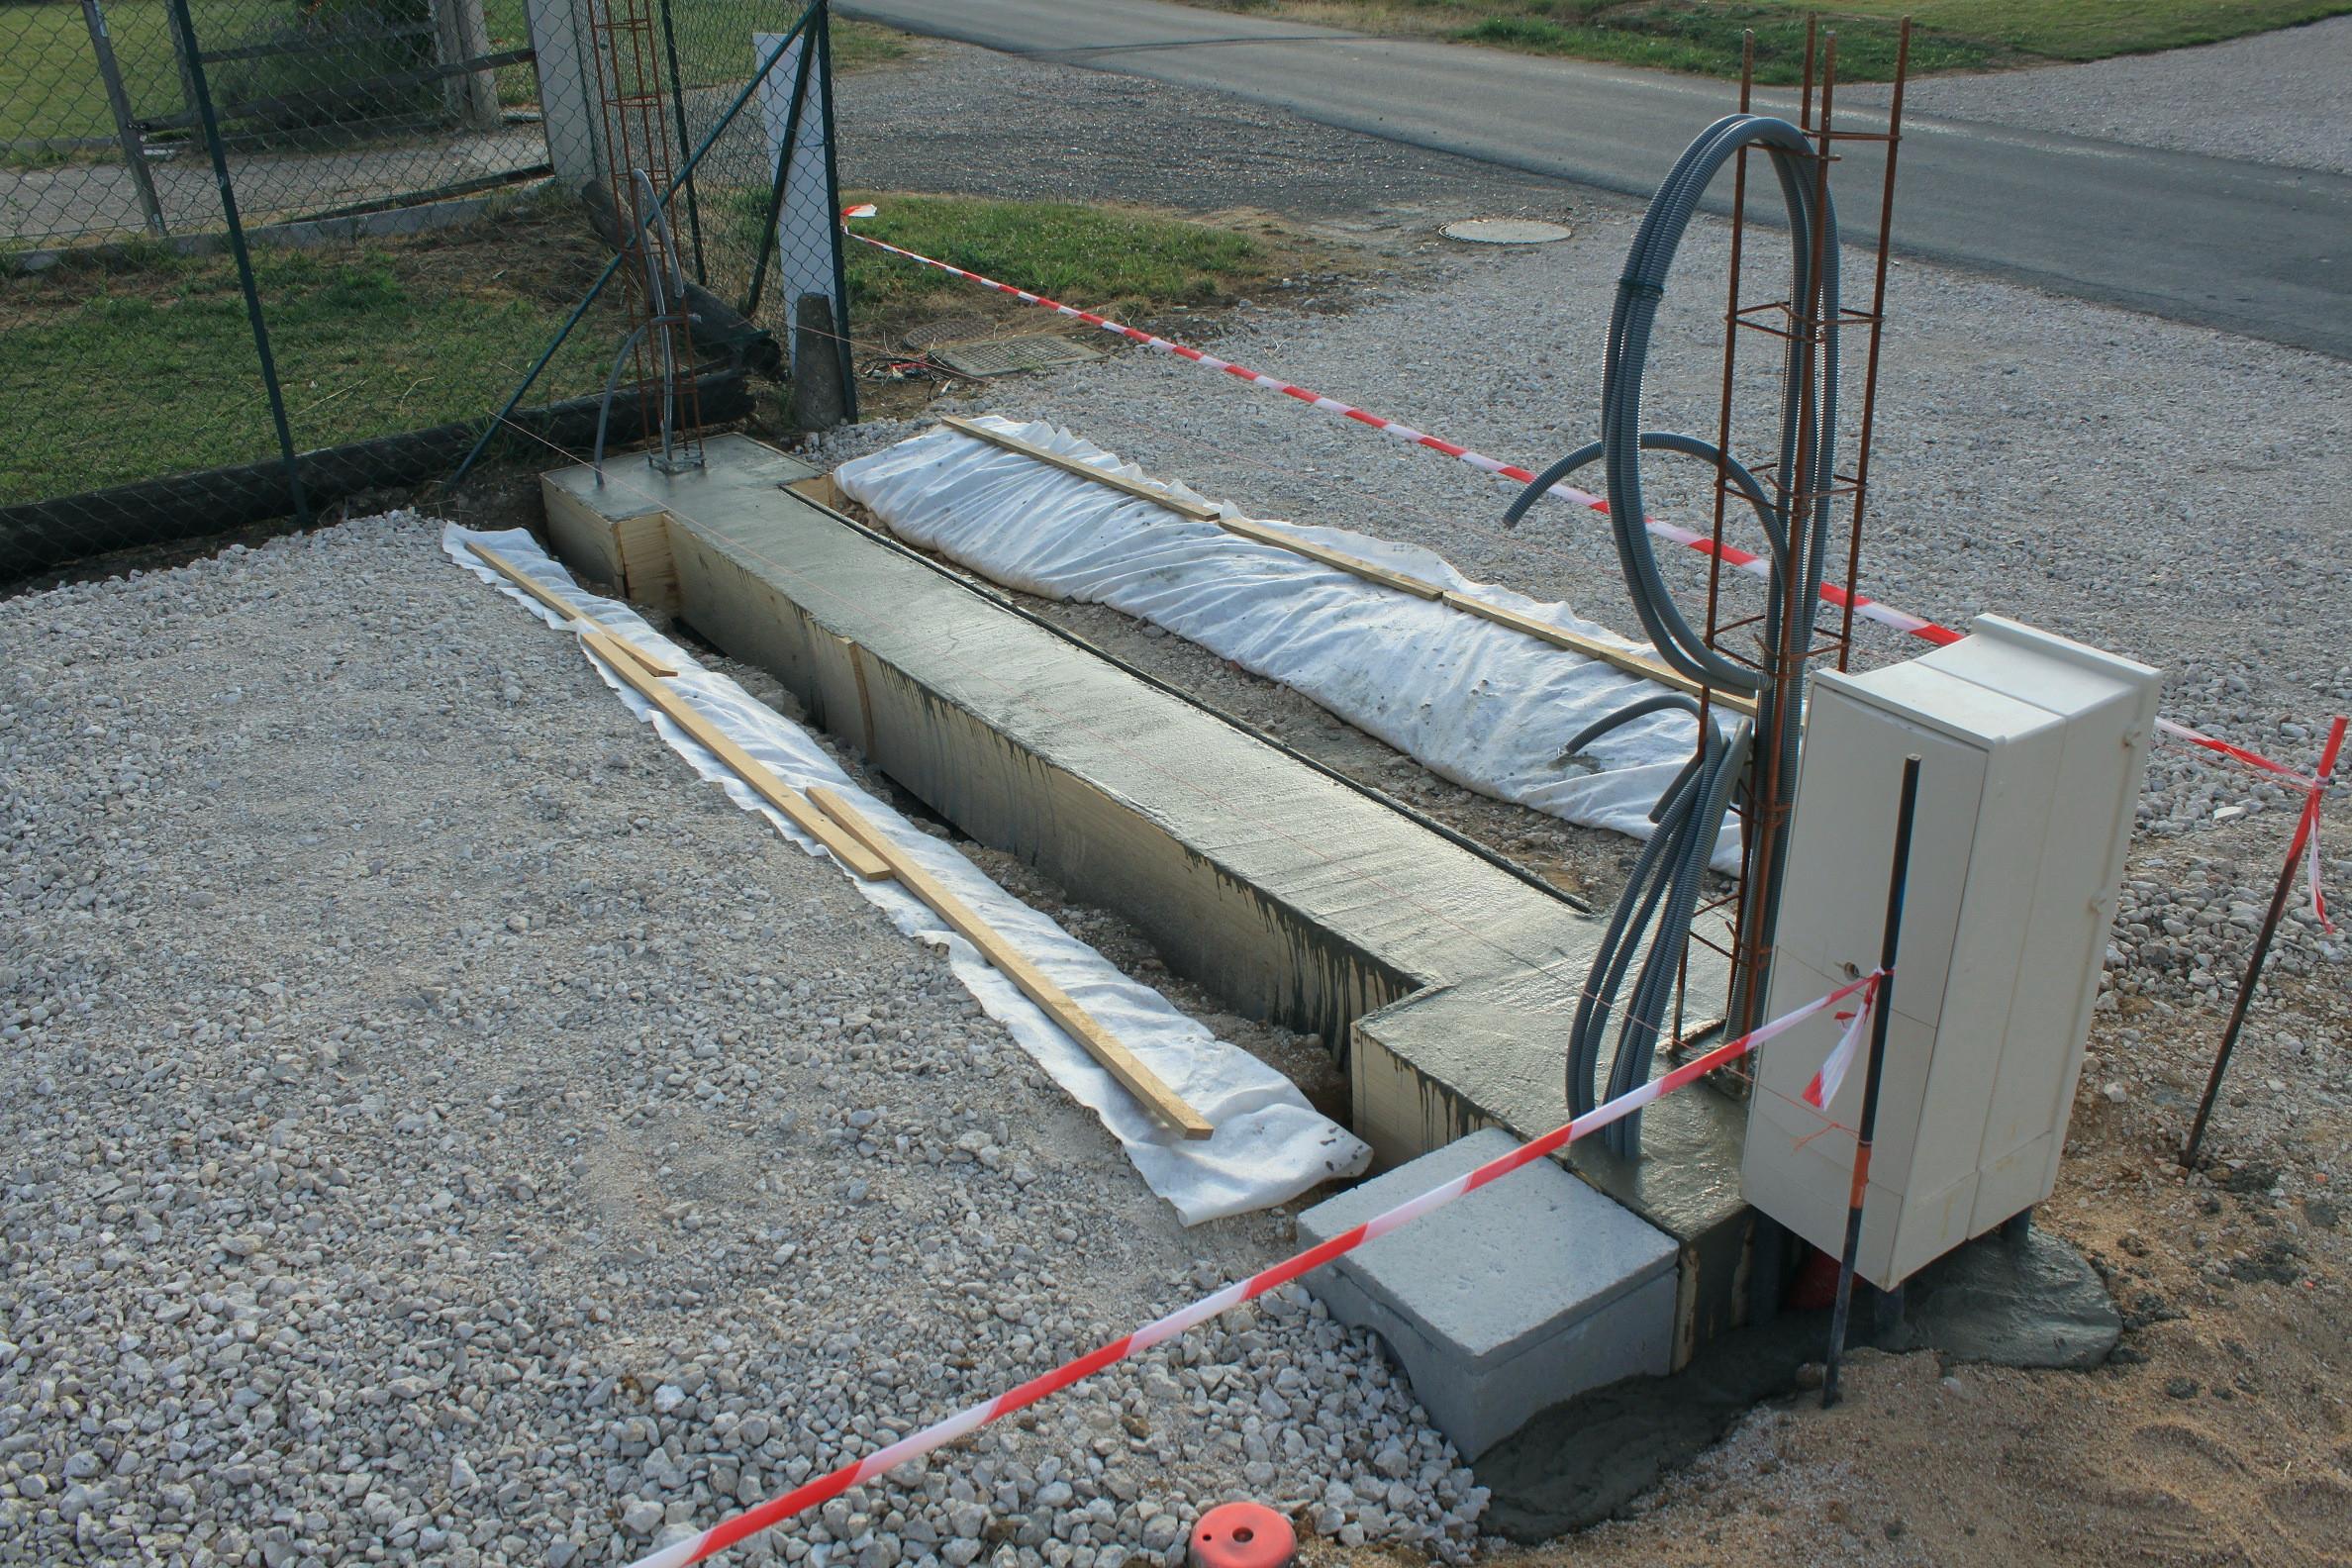 Abris De Jardin Metal Brico Depot Frais Photographie Abris Jardin Pas Cher Avec Remarquable Brico Depot Abri De Jardin